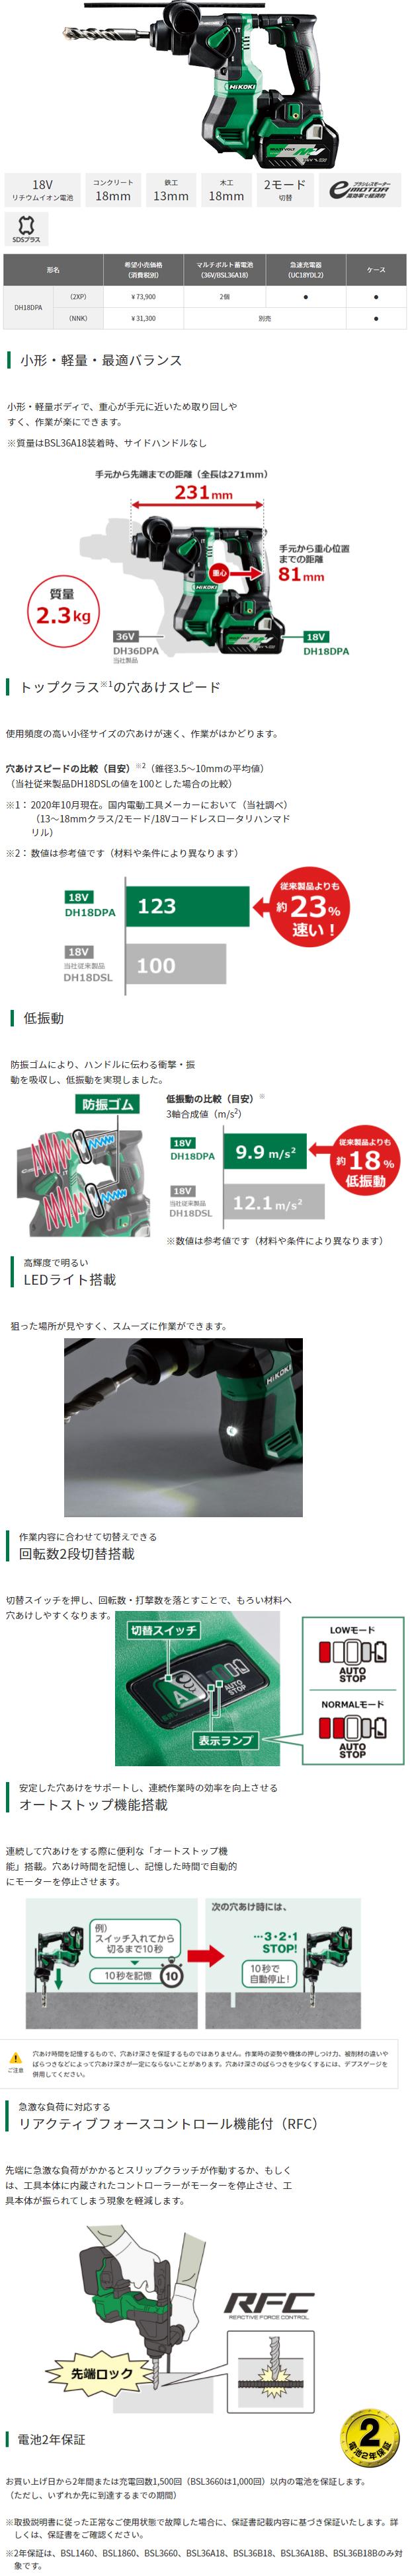 HiKOKI マルチボルトロータリハンマドリル DH18DPA